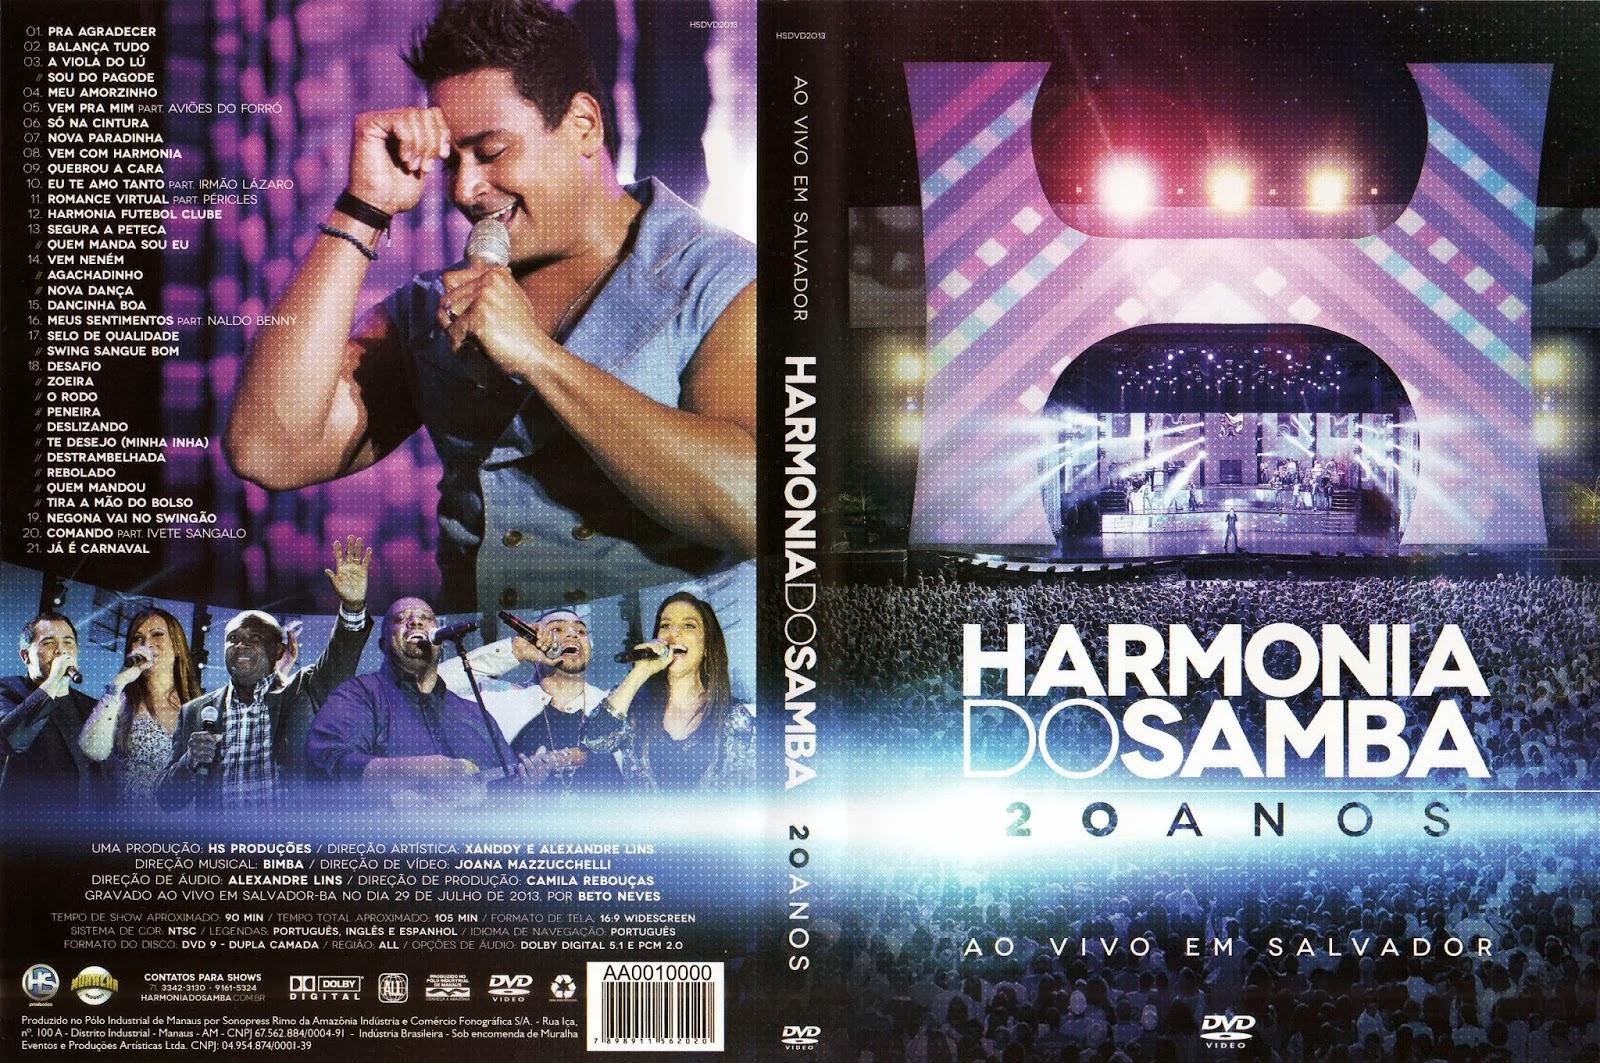 audio do dvd de harmonia do samba em manaus